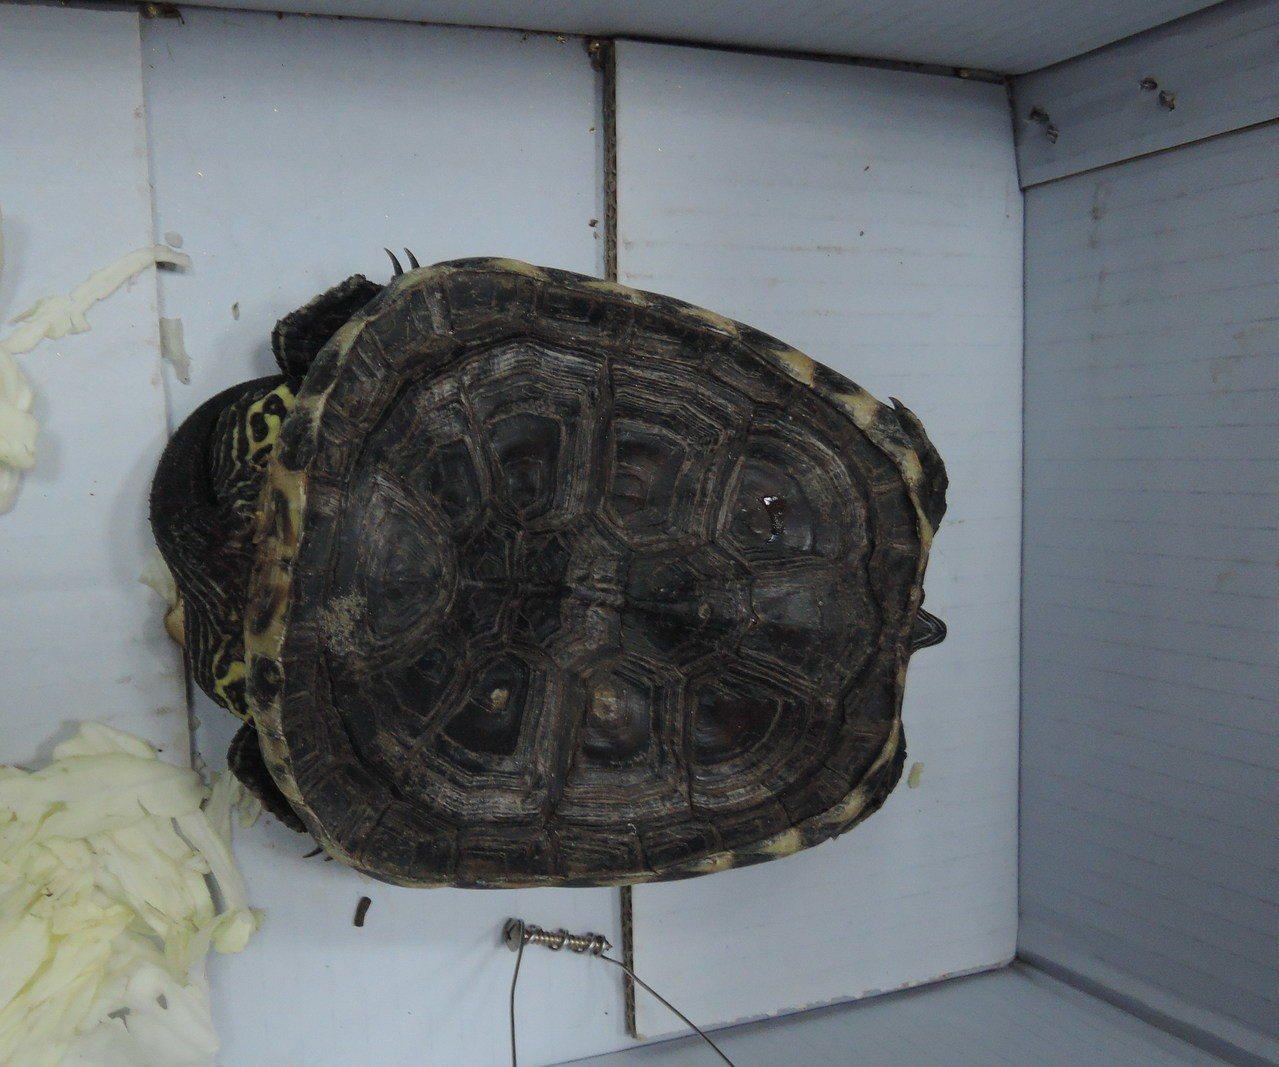 小朋友看到龜殼凹陷以為被車輾急送醫。圖/基隆動保所提供